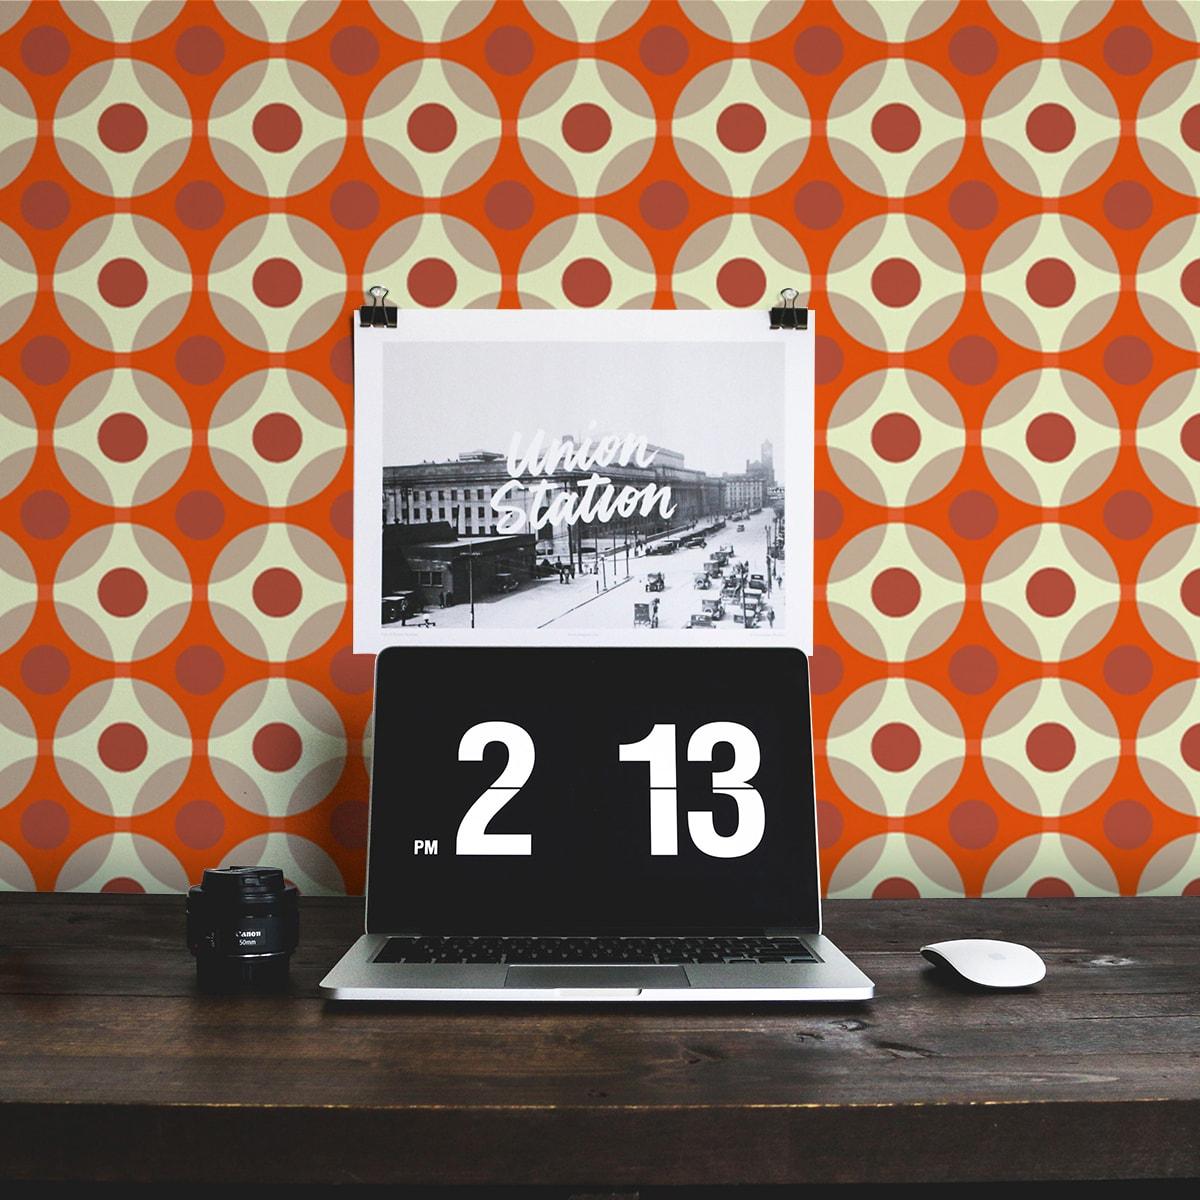 Küchentapete orange: Punkte Design Tapete